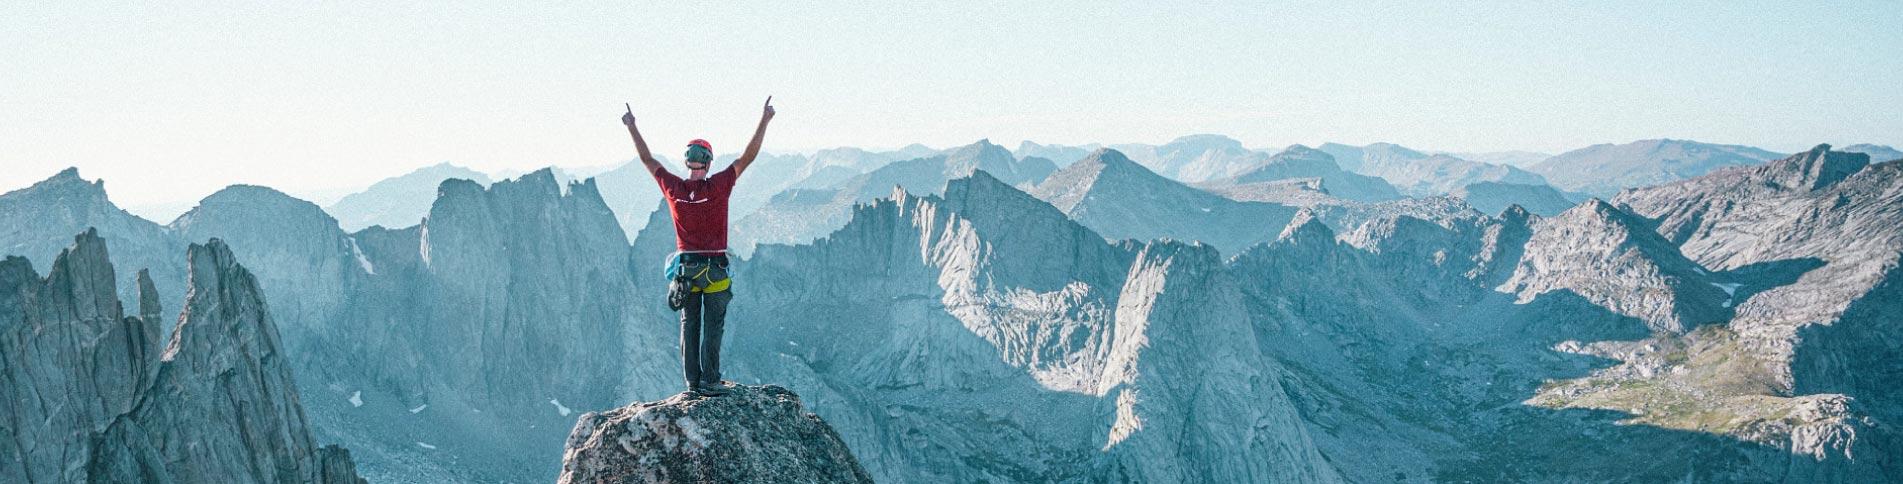 climbnt-v1r0.jpg